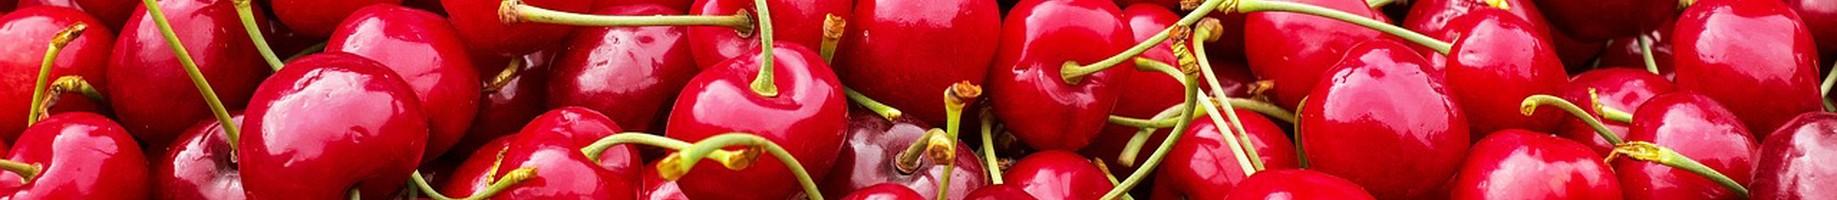 cherries-1465801_1280